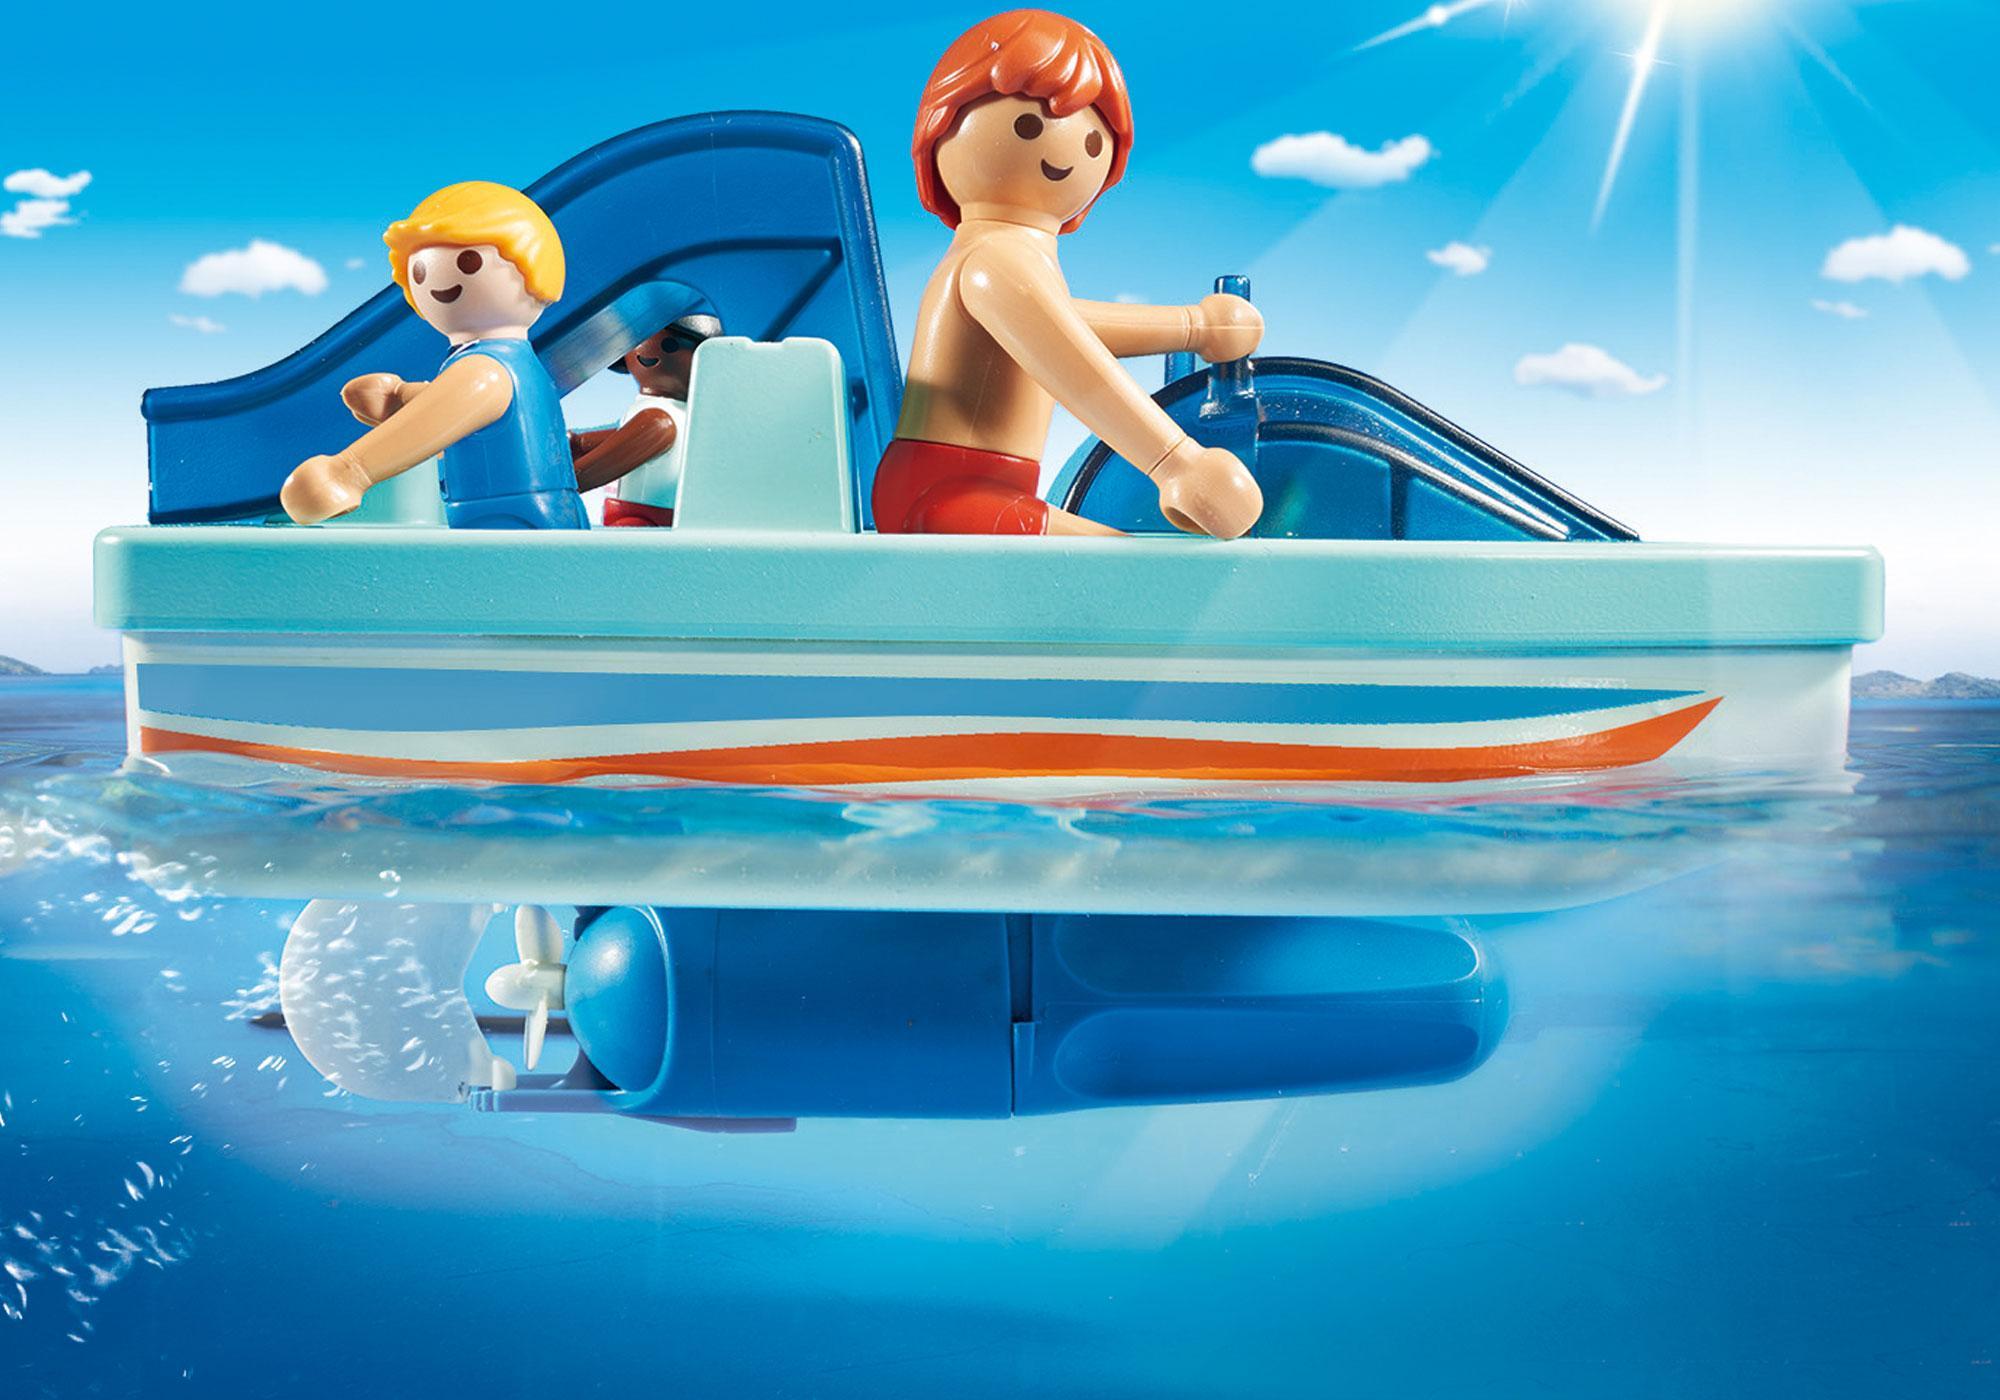 http://media.playmobil.com/i/playmobil/9424_product_extra1/Trampbåt med rutschkana